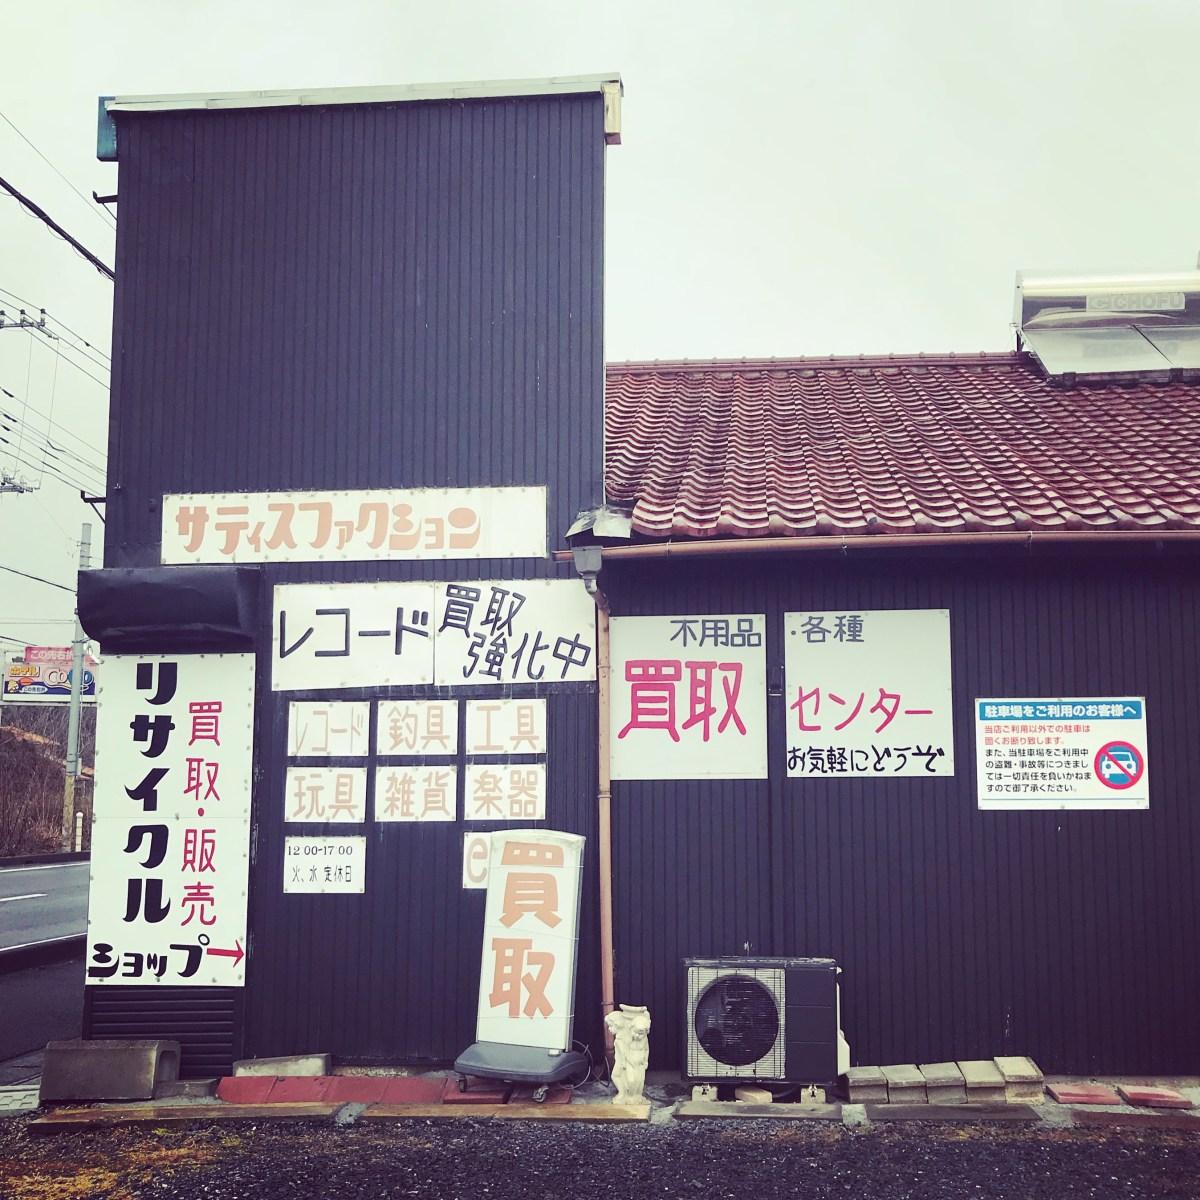 山武のレコード屋さんつれづれ。